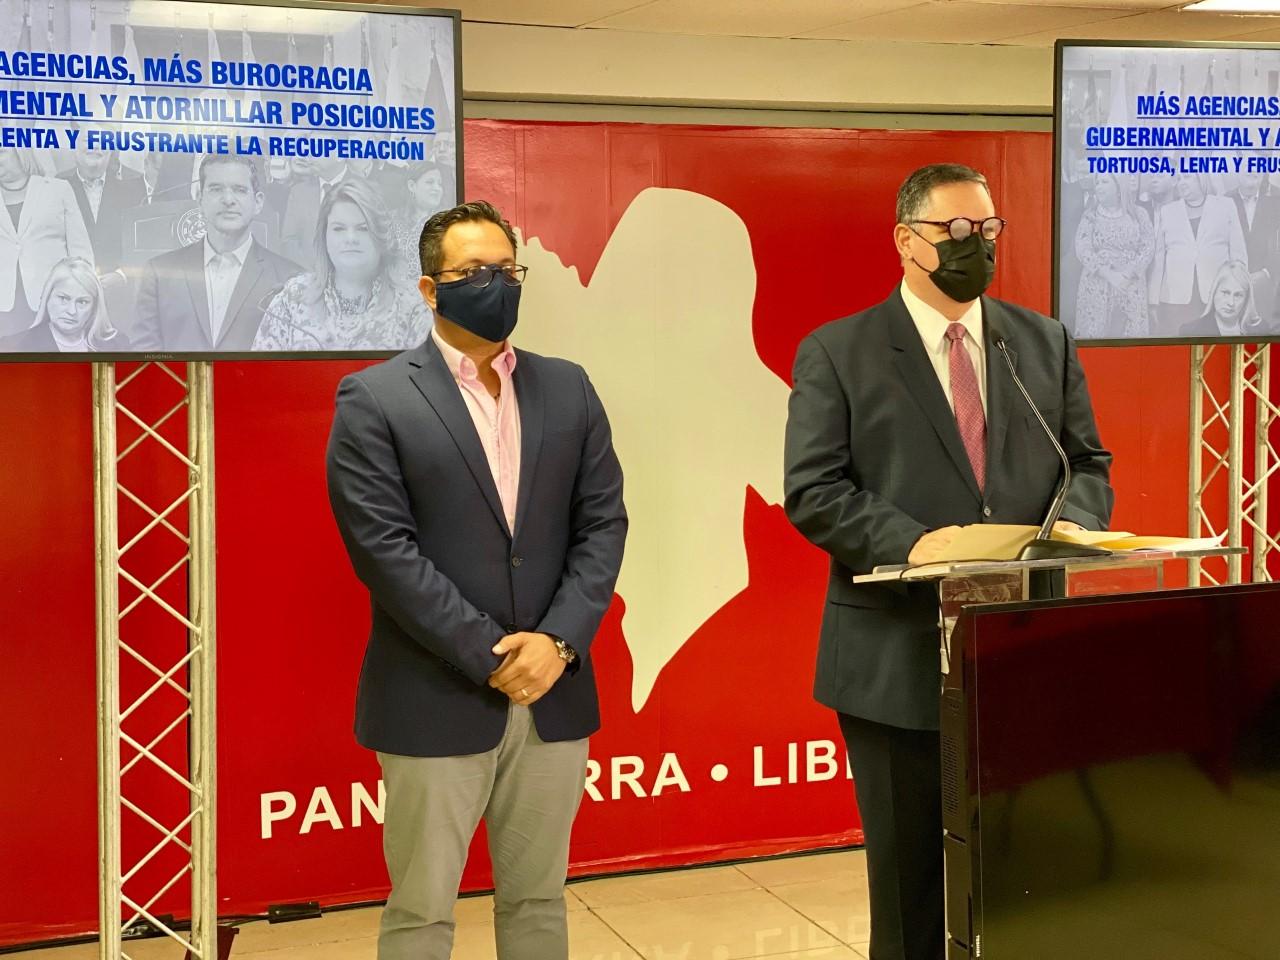 Catalogan como irresponsable la intención del PNP de crear una nueva agencia para administrar los fondos de recuperación con nombramientos atornillados a diez años